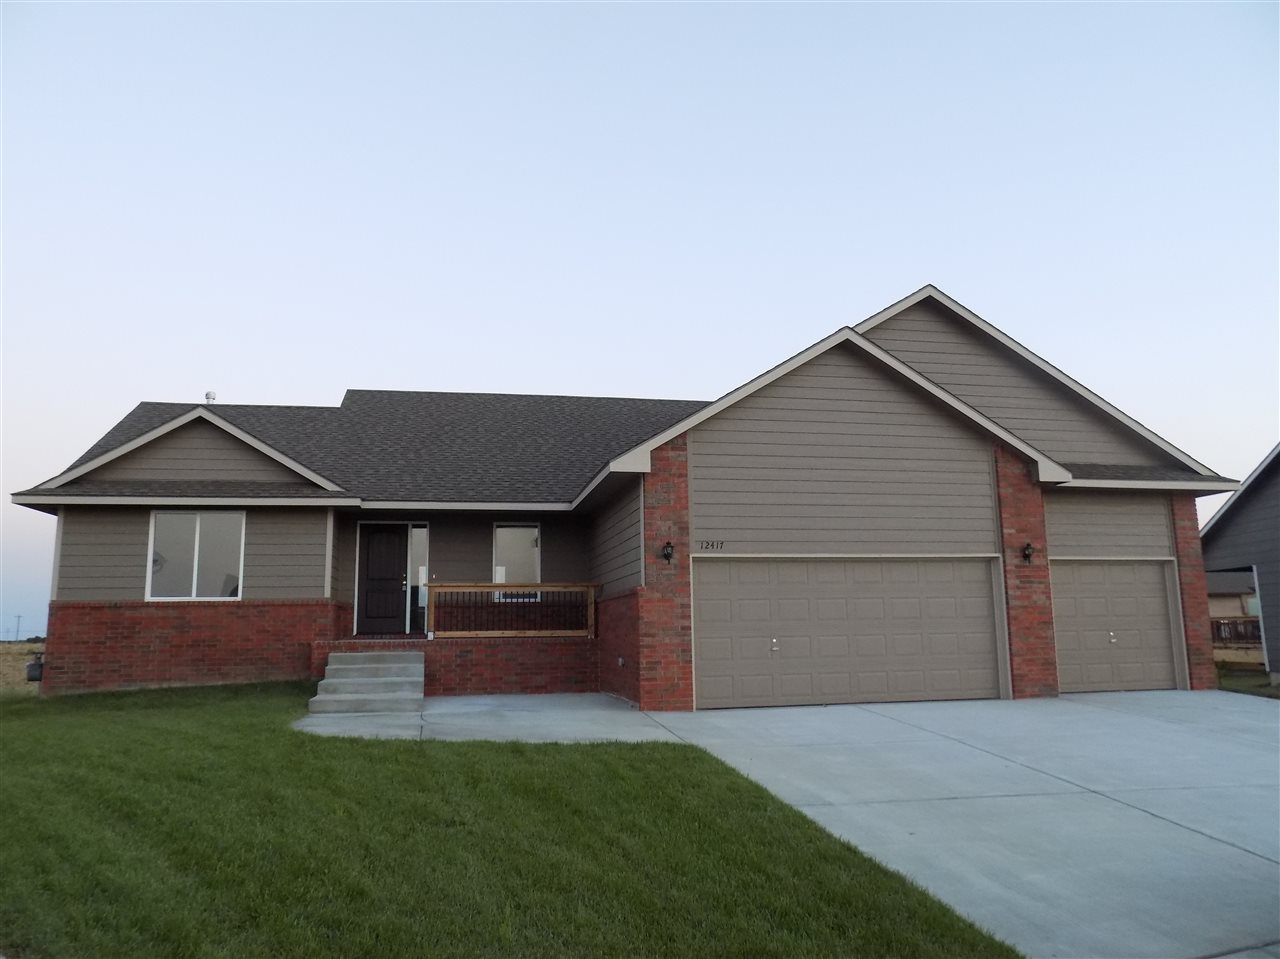 12417 E Casa Bella Ct., Wichita, KS 67207